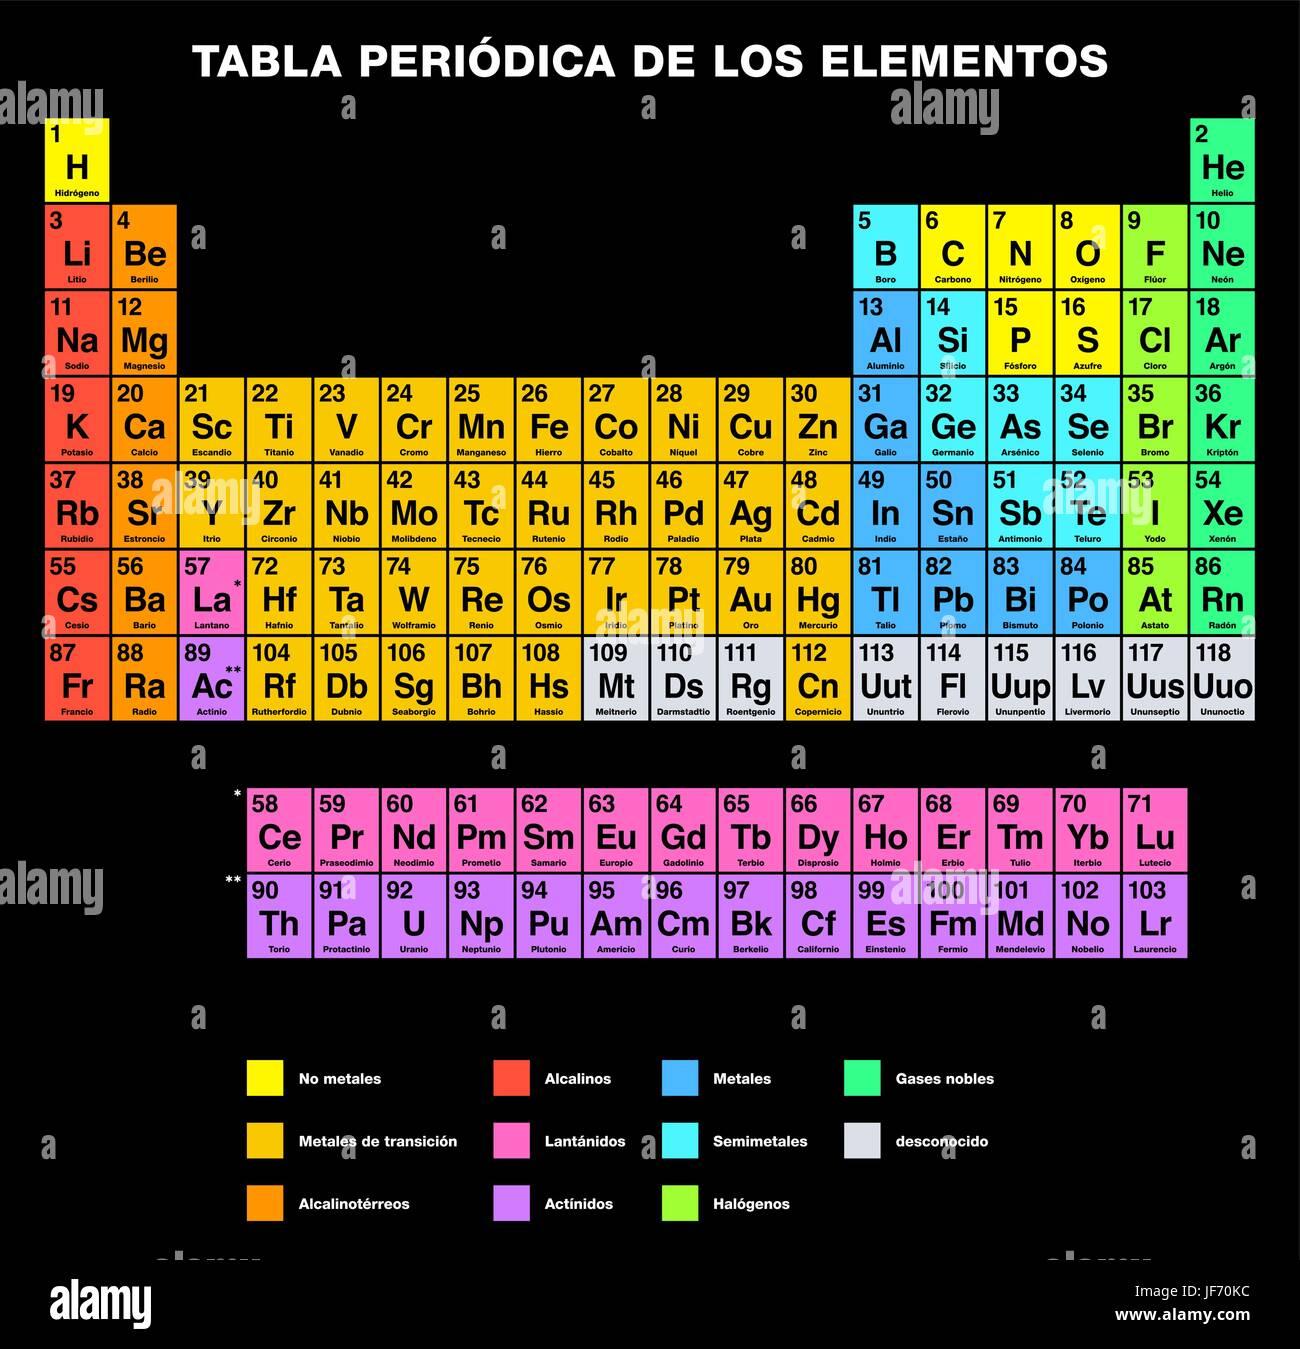 Tabla peridica de los elementos rtulos en espaol ilustracin del tabla peridica de los elementos rtulos en espaol urtaz Choice Image